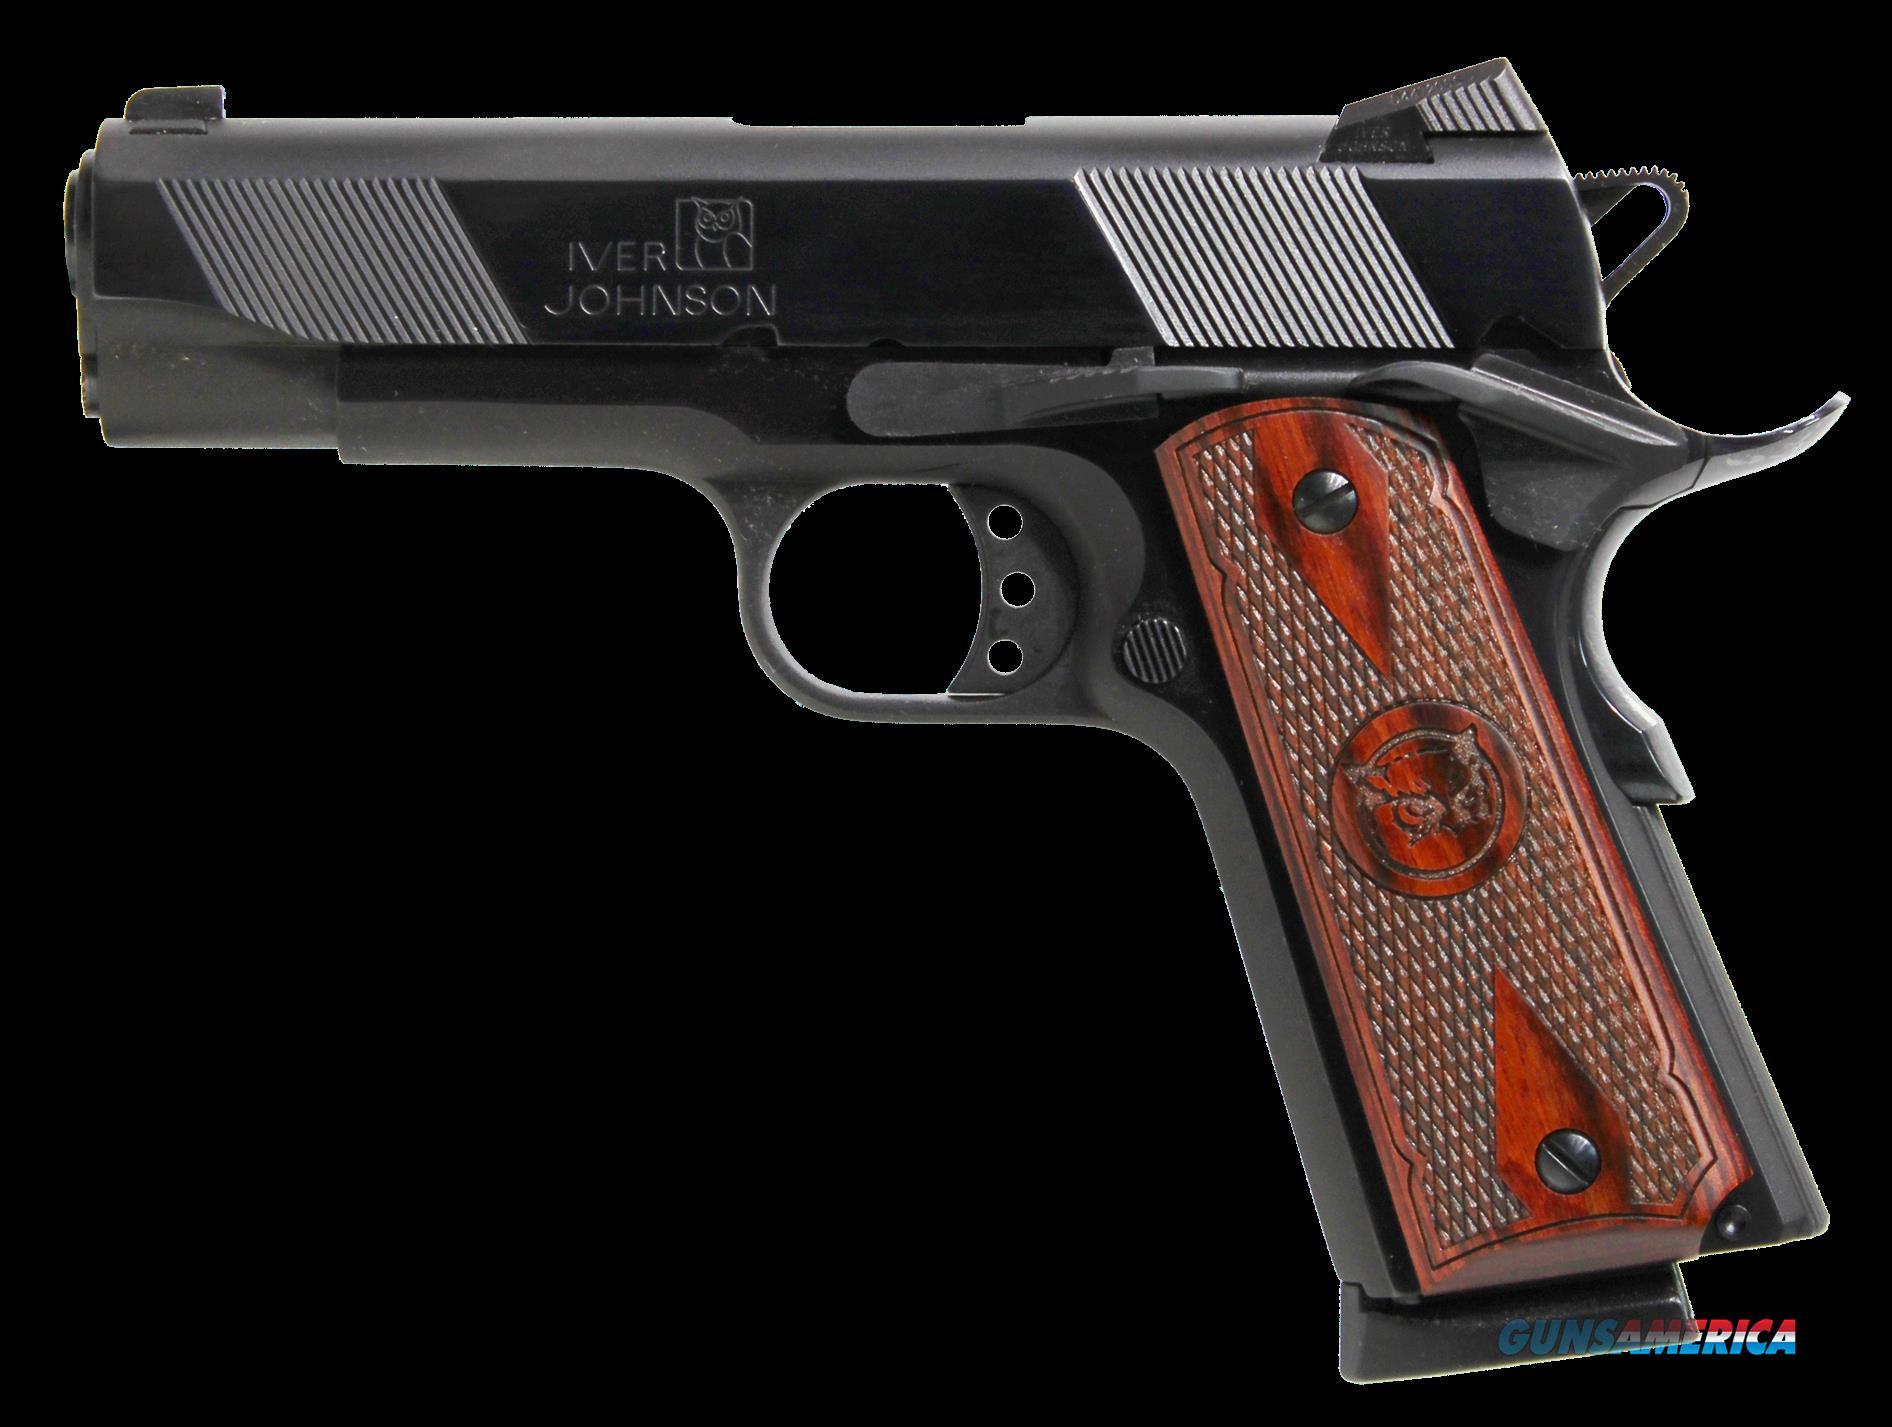 Oaks Wholesale Dist-iver 1911 Hawk, Iver Hawk          45     4.25 Cmmndr Lomnt Pol Bl  Guns > Pistols > 1911 Pistol Copies (non-Colt)